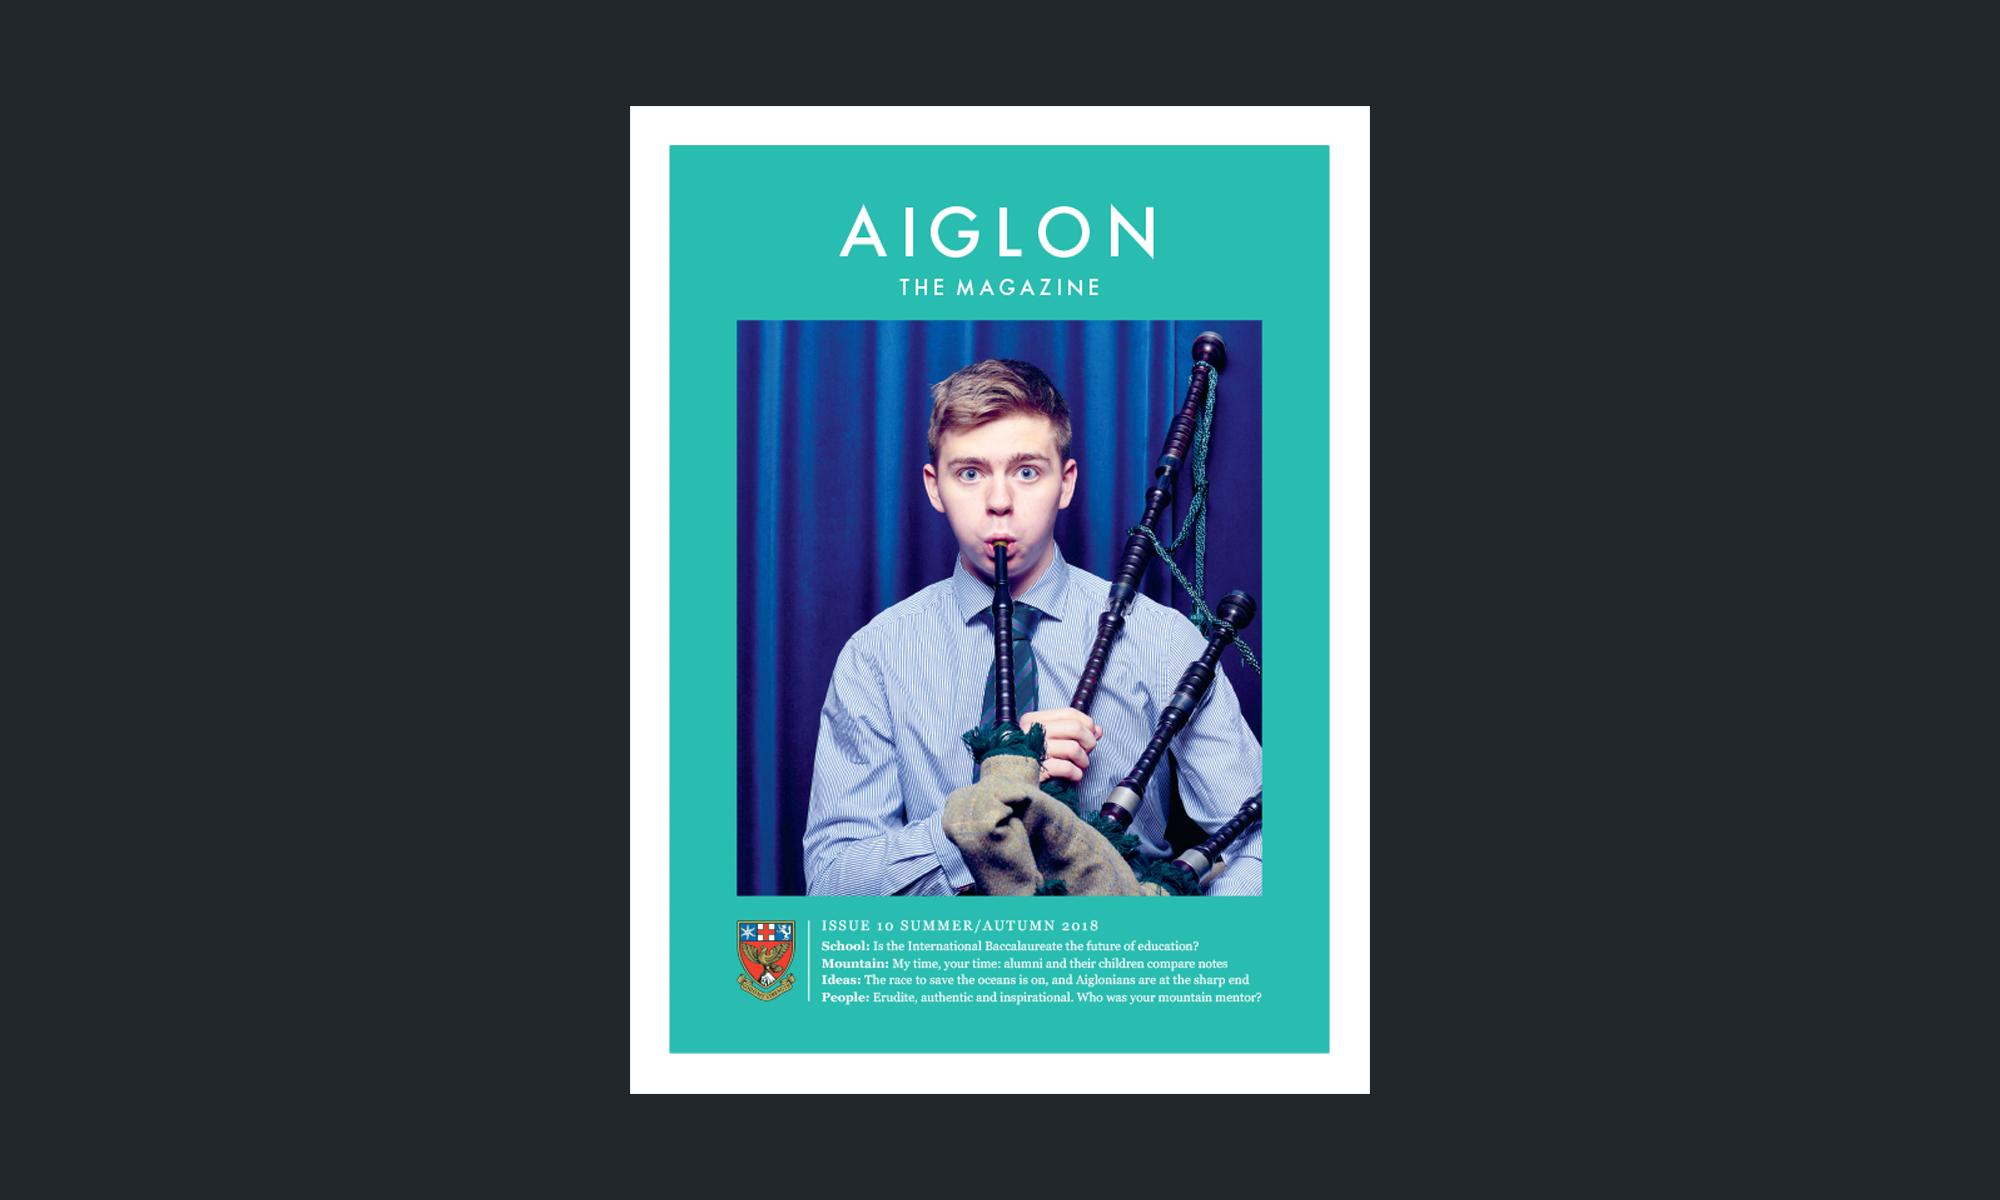 aiglon-cover-3.jpg